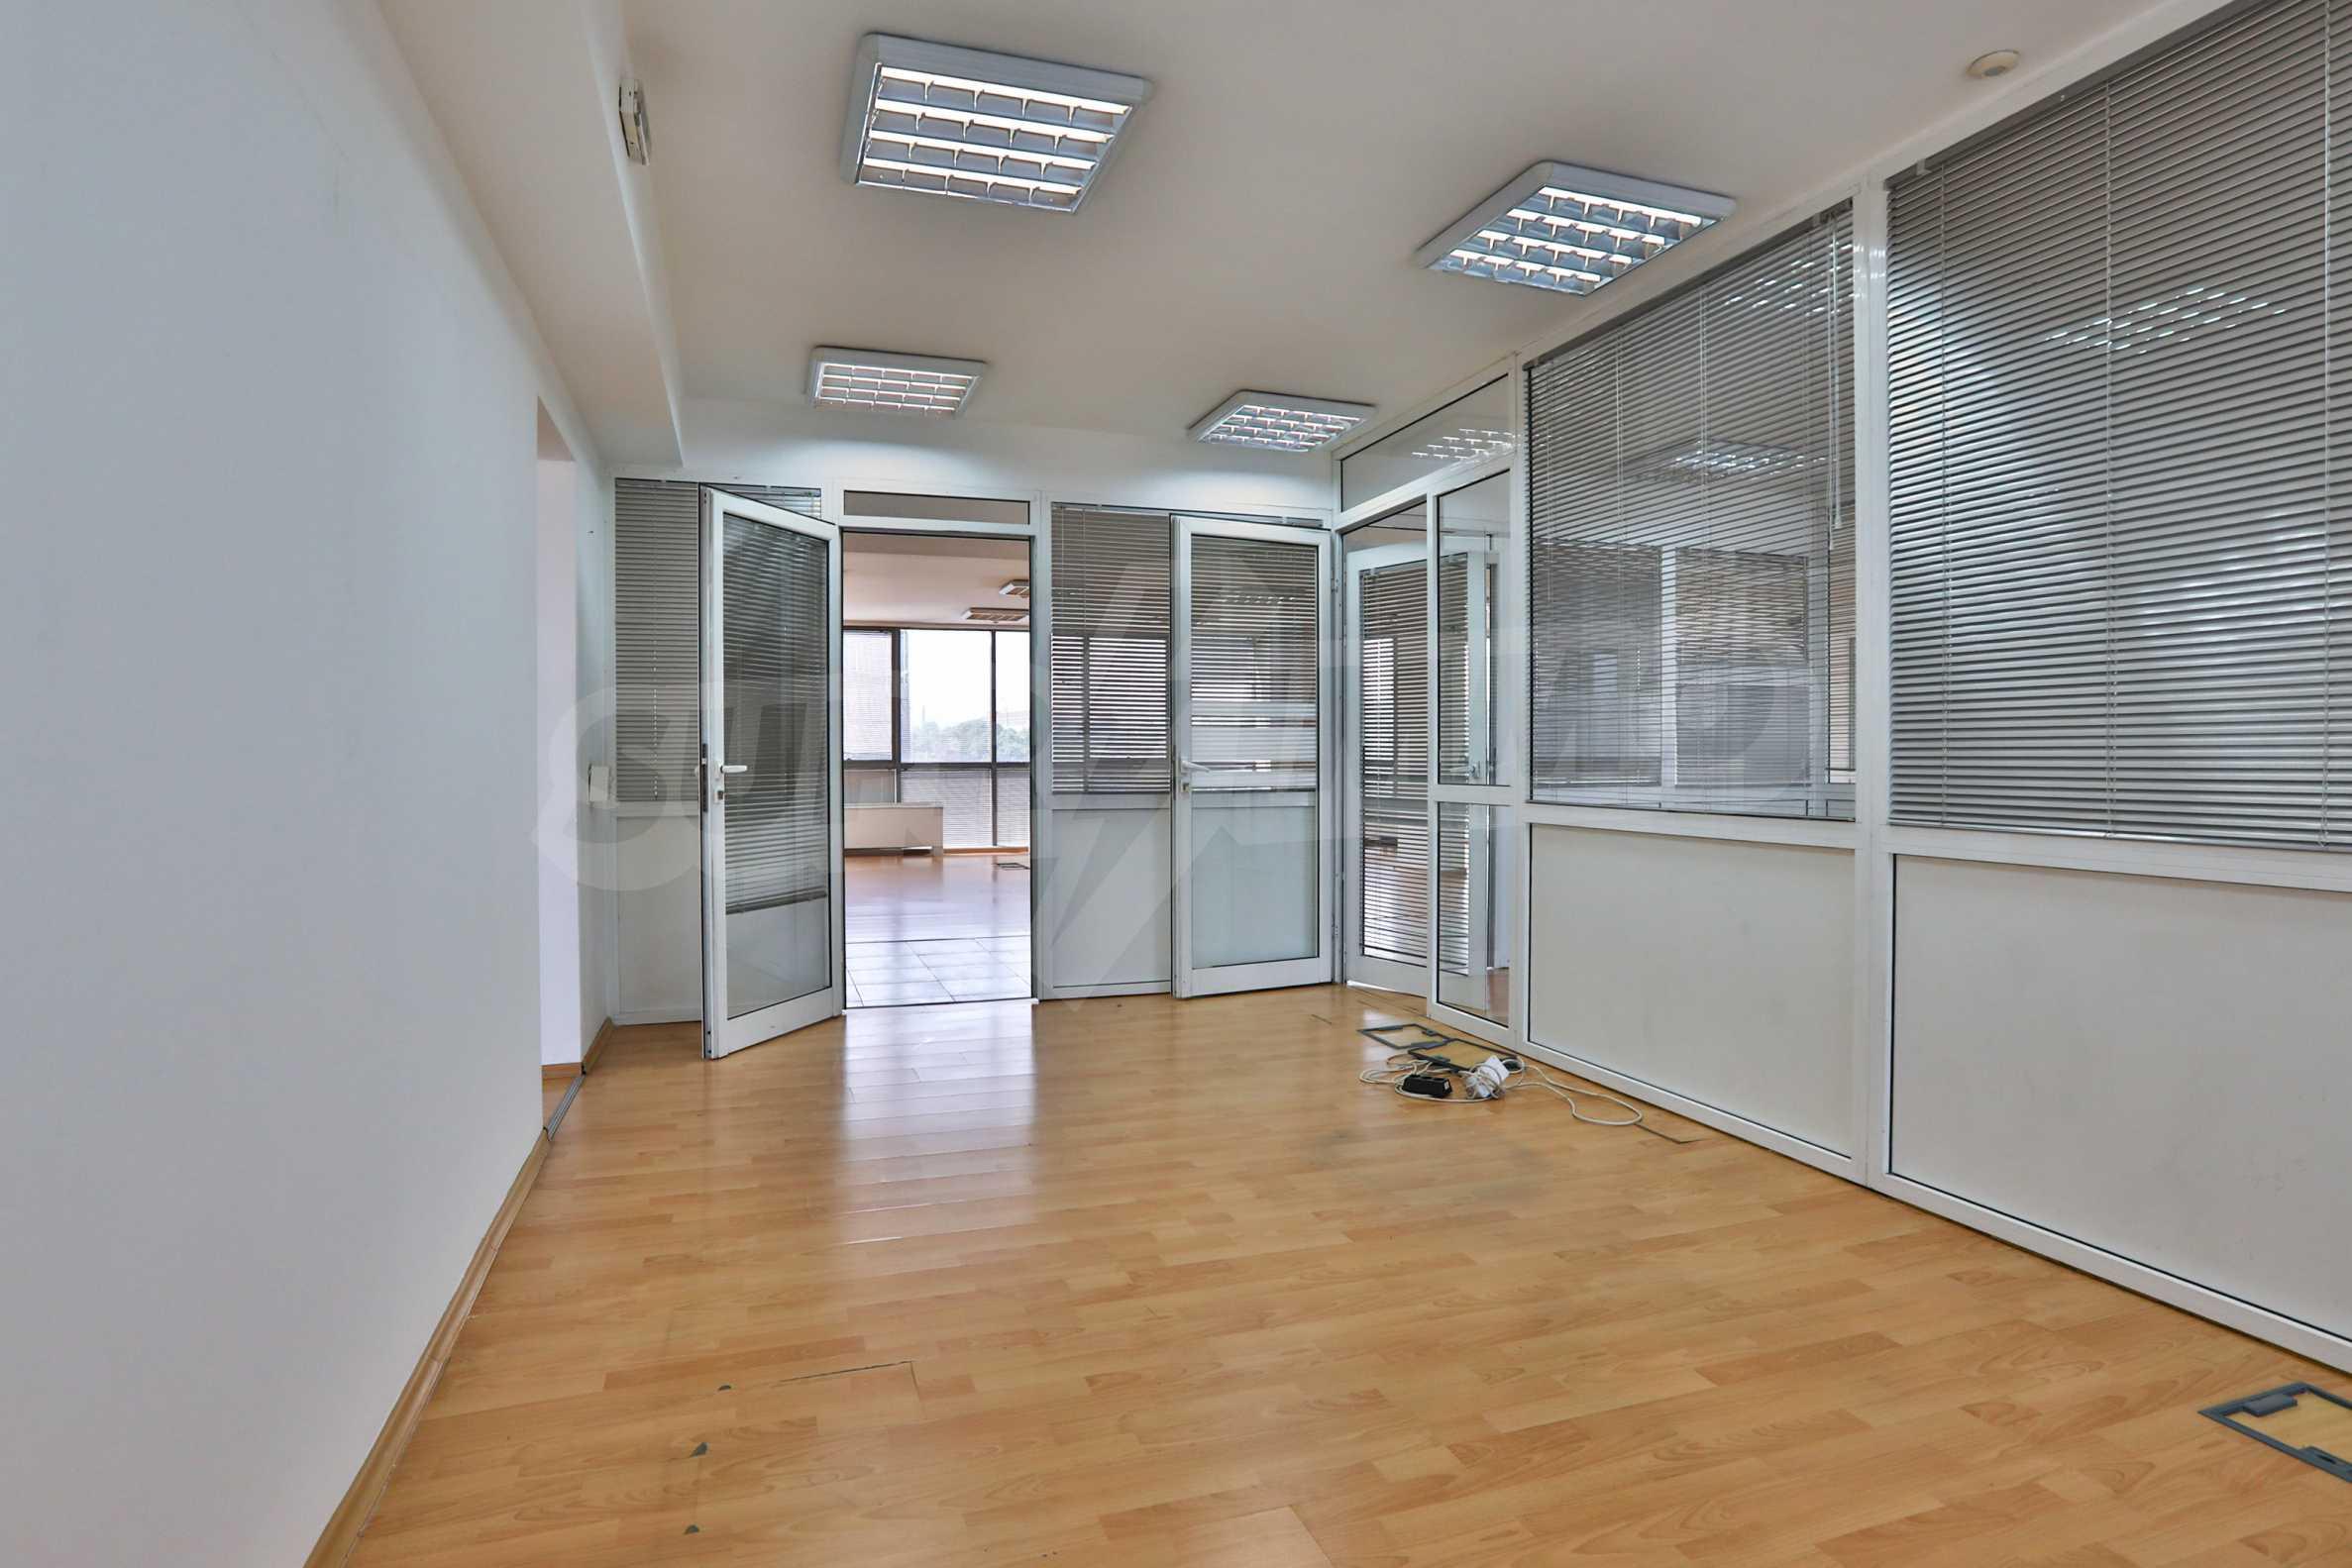 Площи тип open space в офис зоната на бул. Цариградско шосе 22